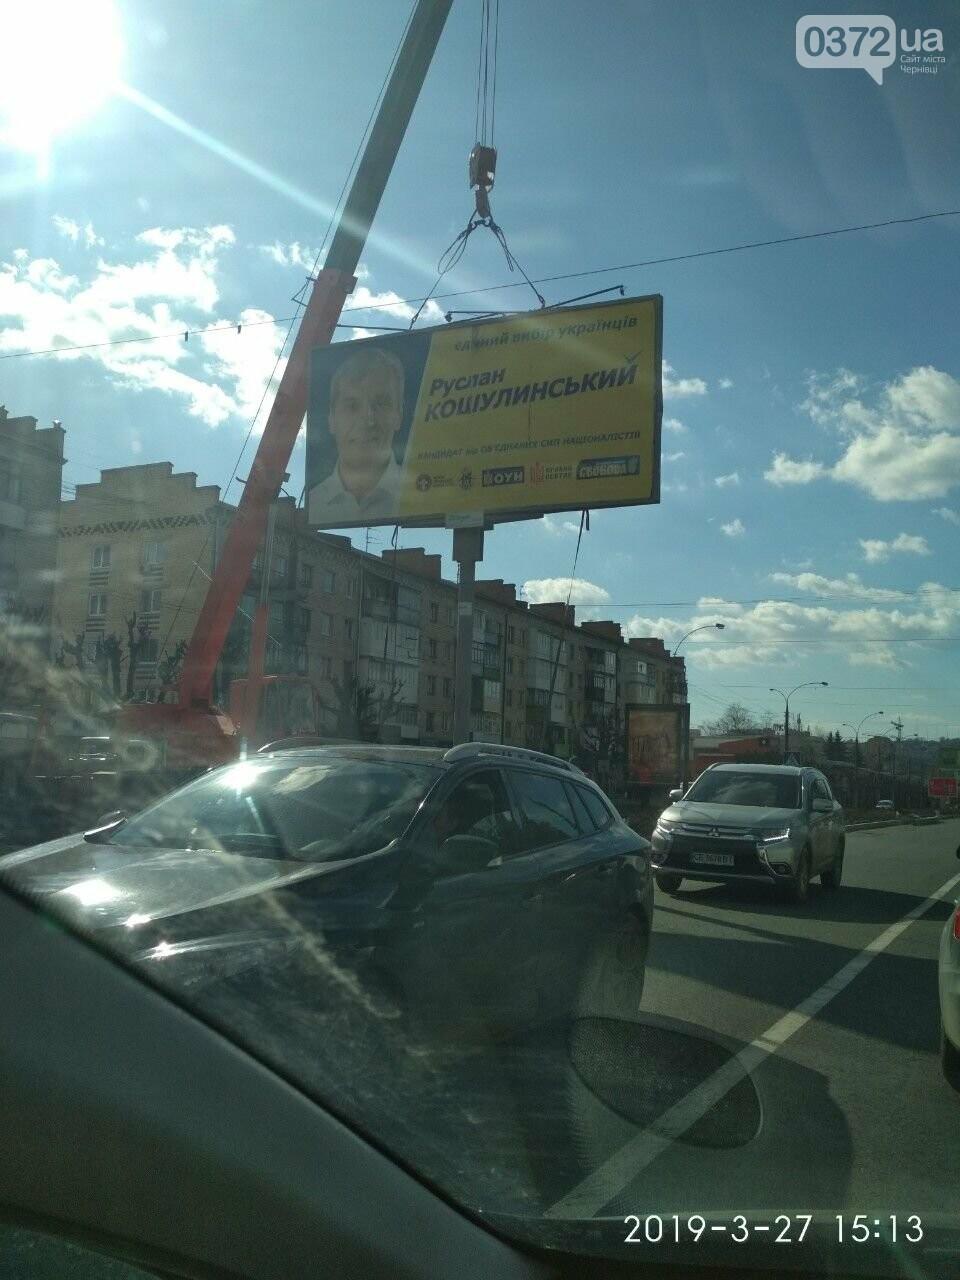 Будьте обережні: в Чернівцях на проспекті Незалежності реклама, яку монтують, може впасти, фото-2